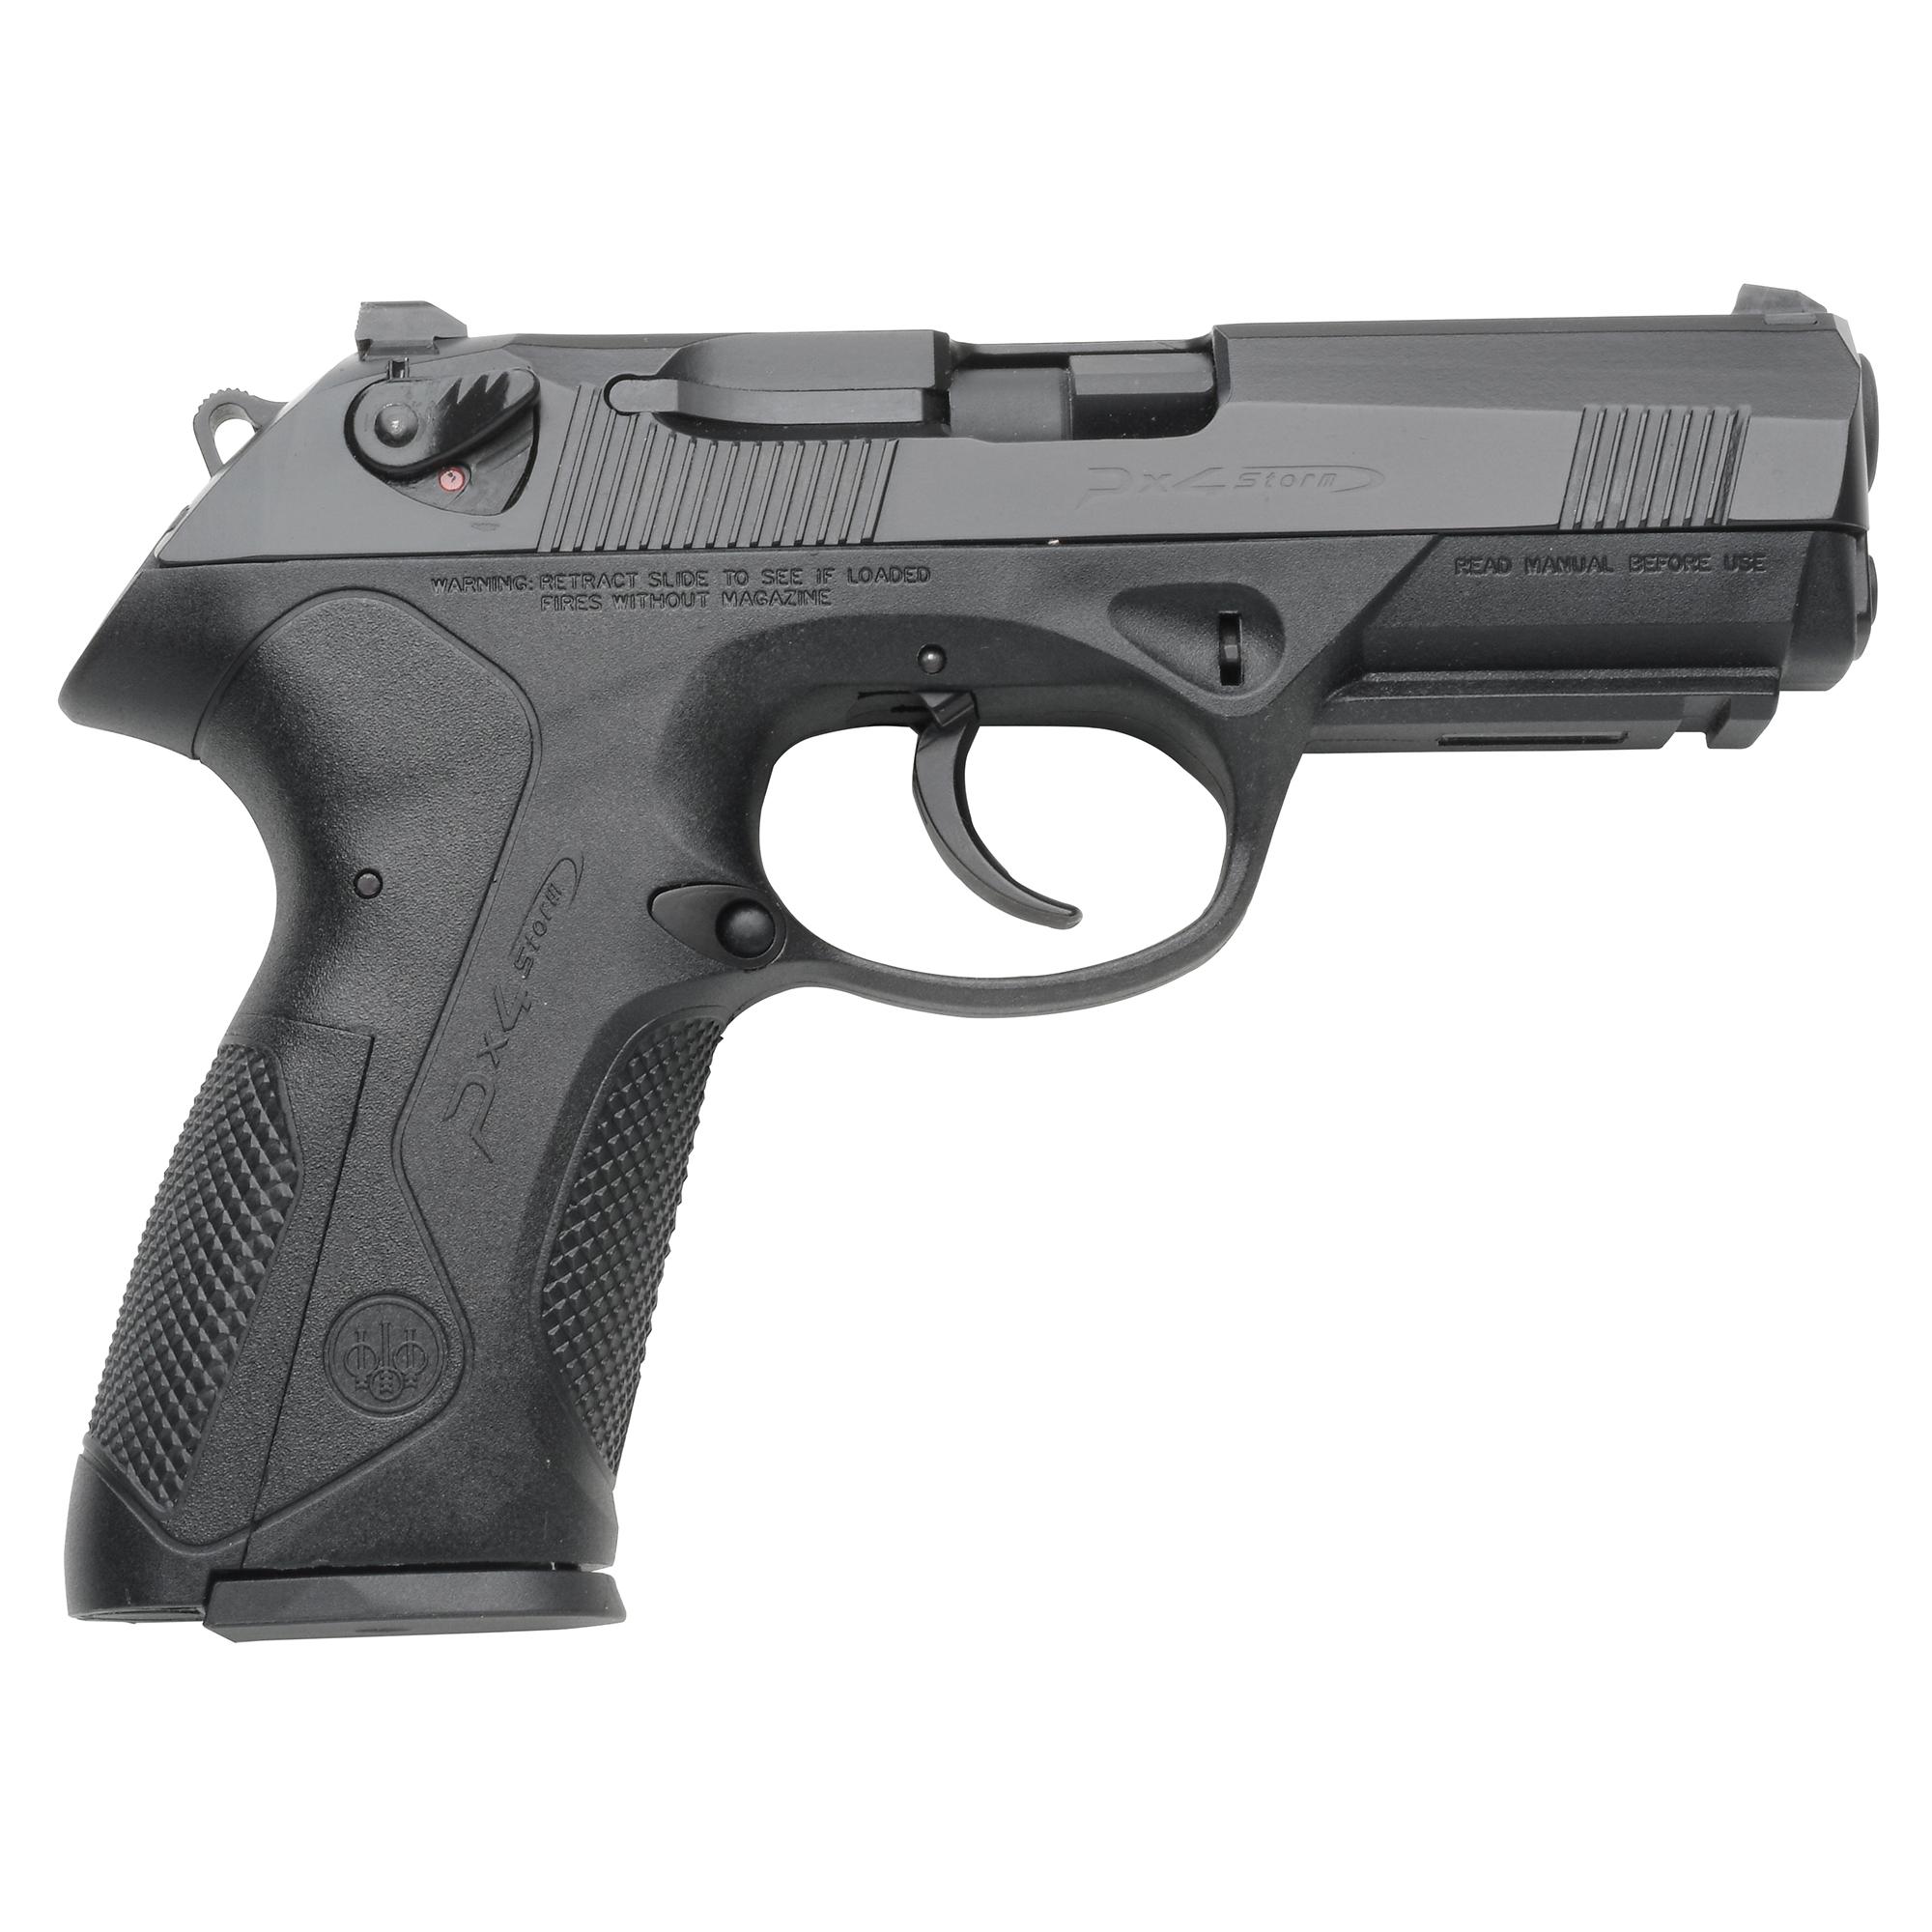 Beretta PX4 Storm Handgun